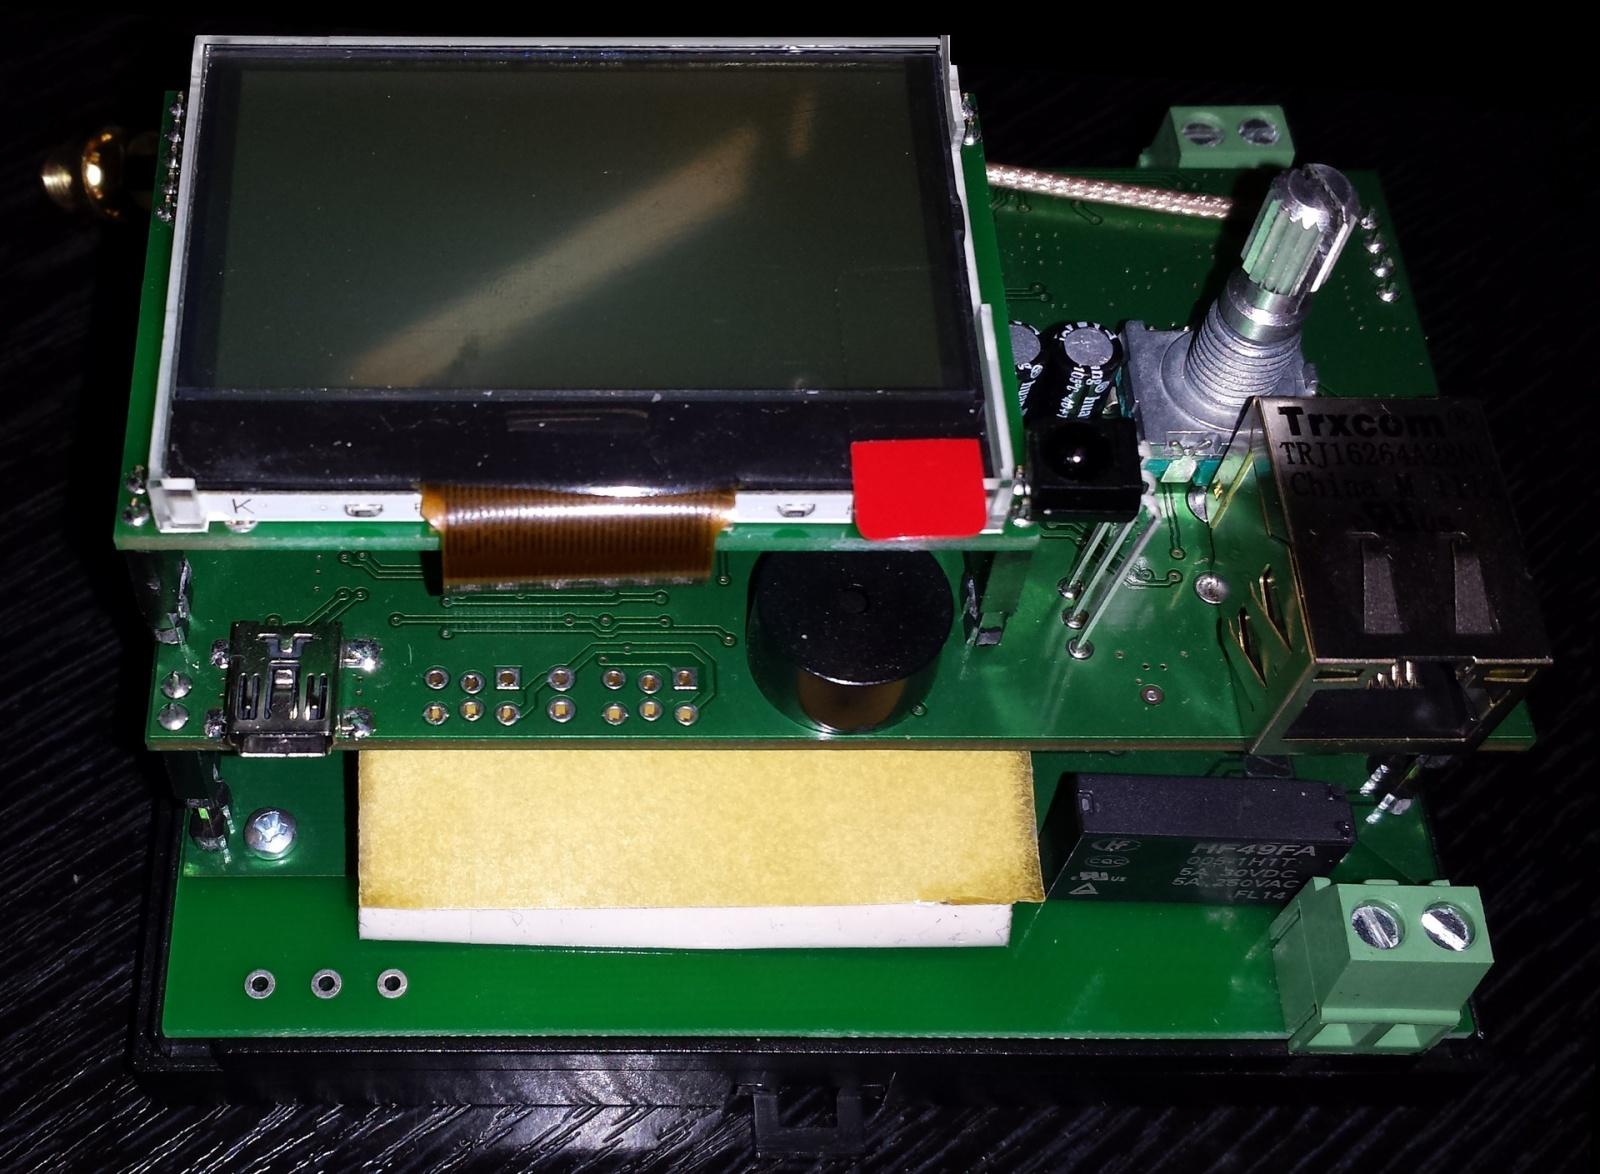 Автоматическая беспроводная система управления кондиционерами, или блок ротации на STM32 + TI CC2530 - 2